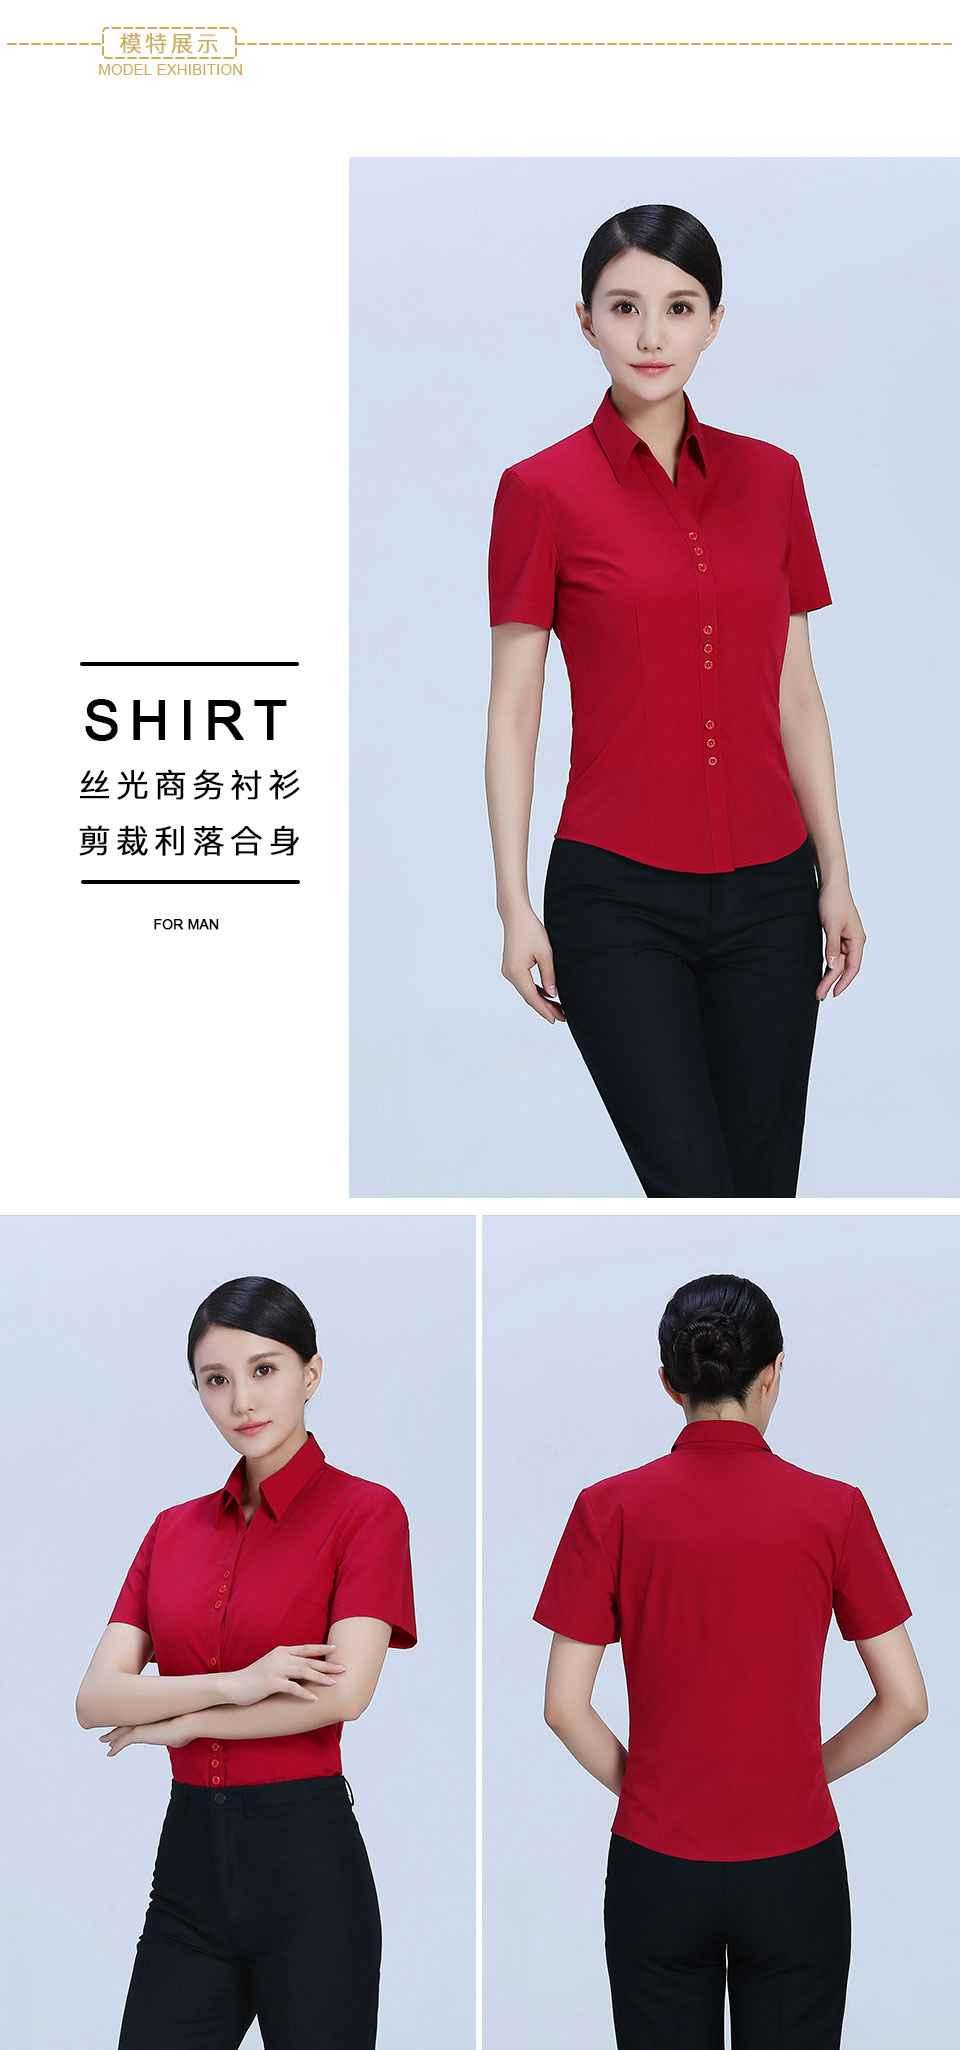 新款衬衫枣红女红色V短袖衬衫